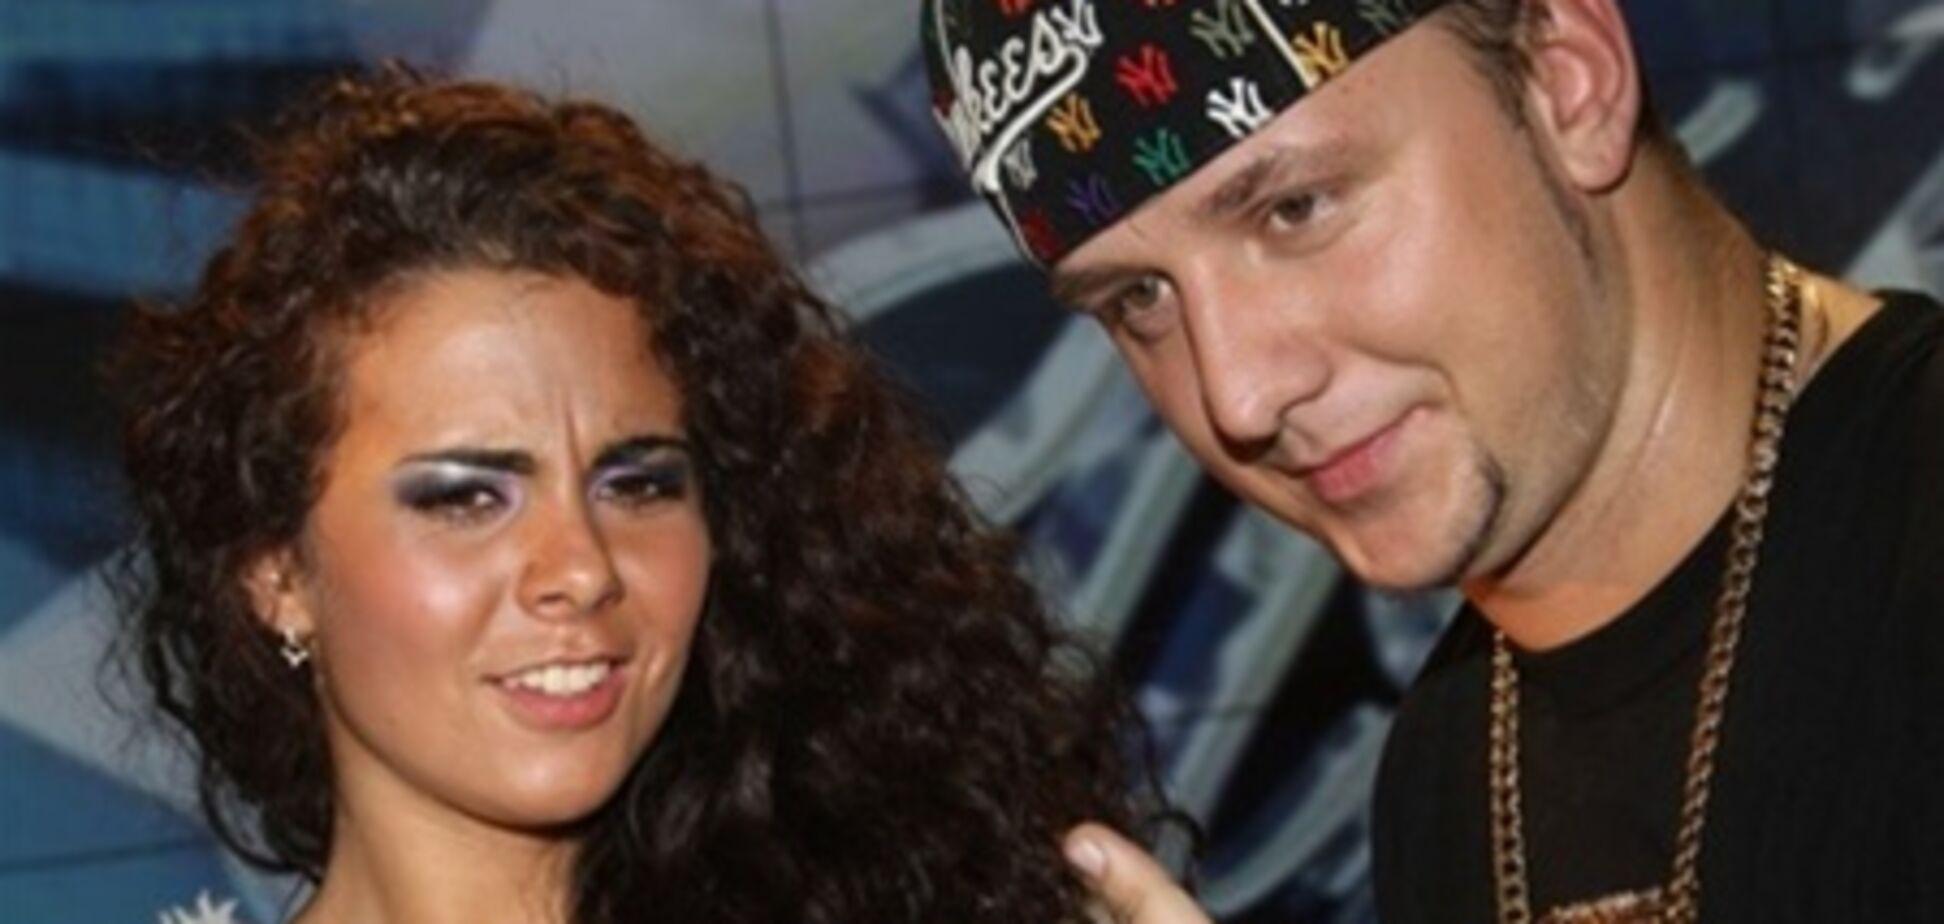 Потап, его супруга и Настя живут шведской семьей? Фото